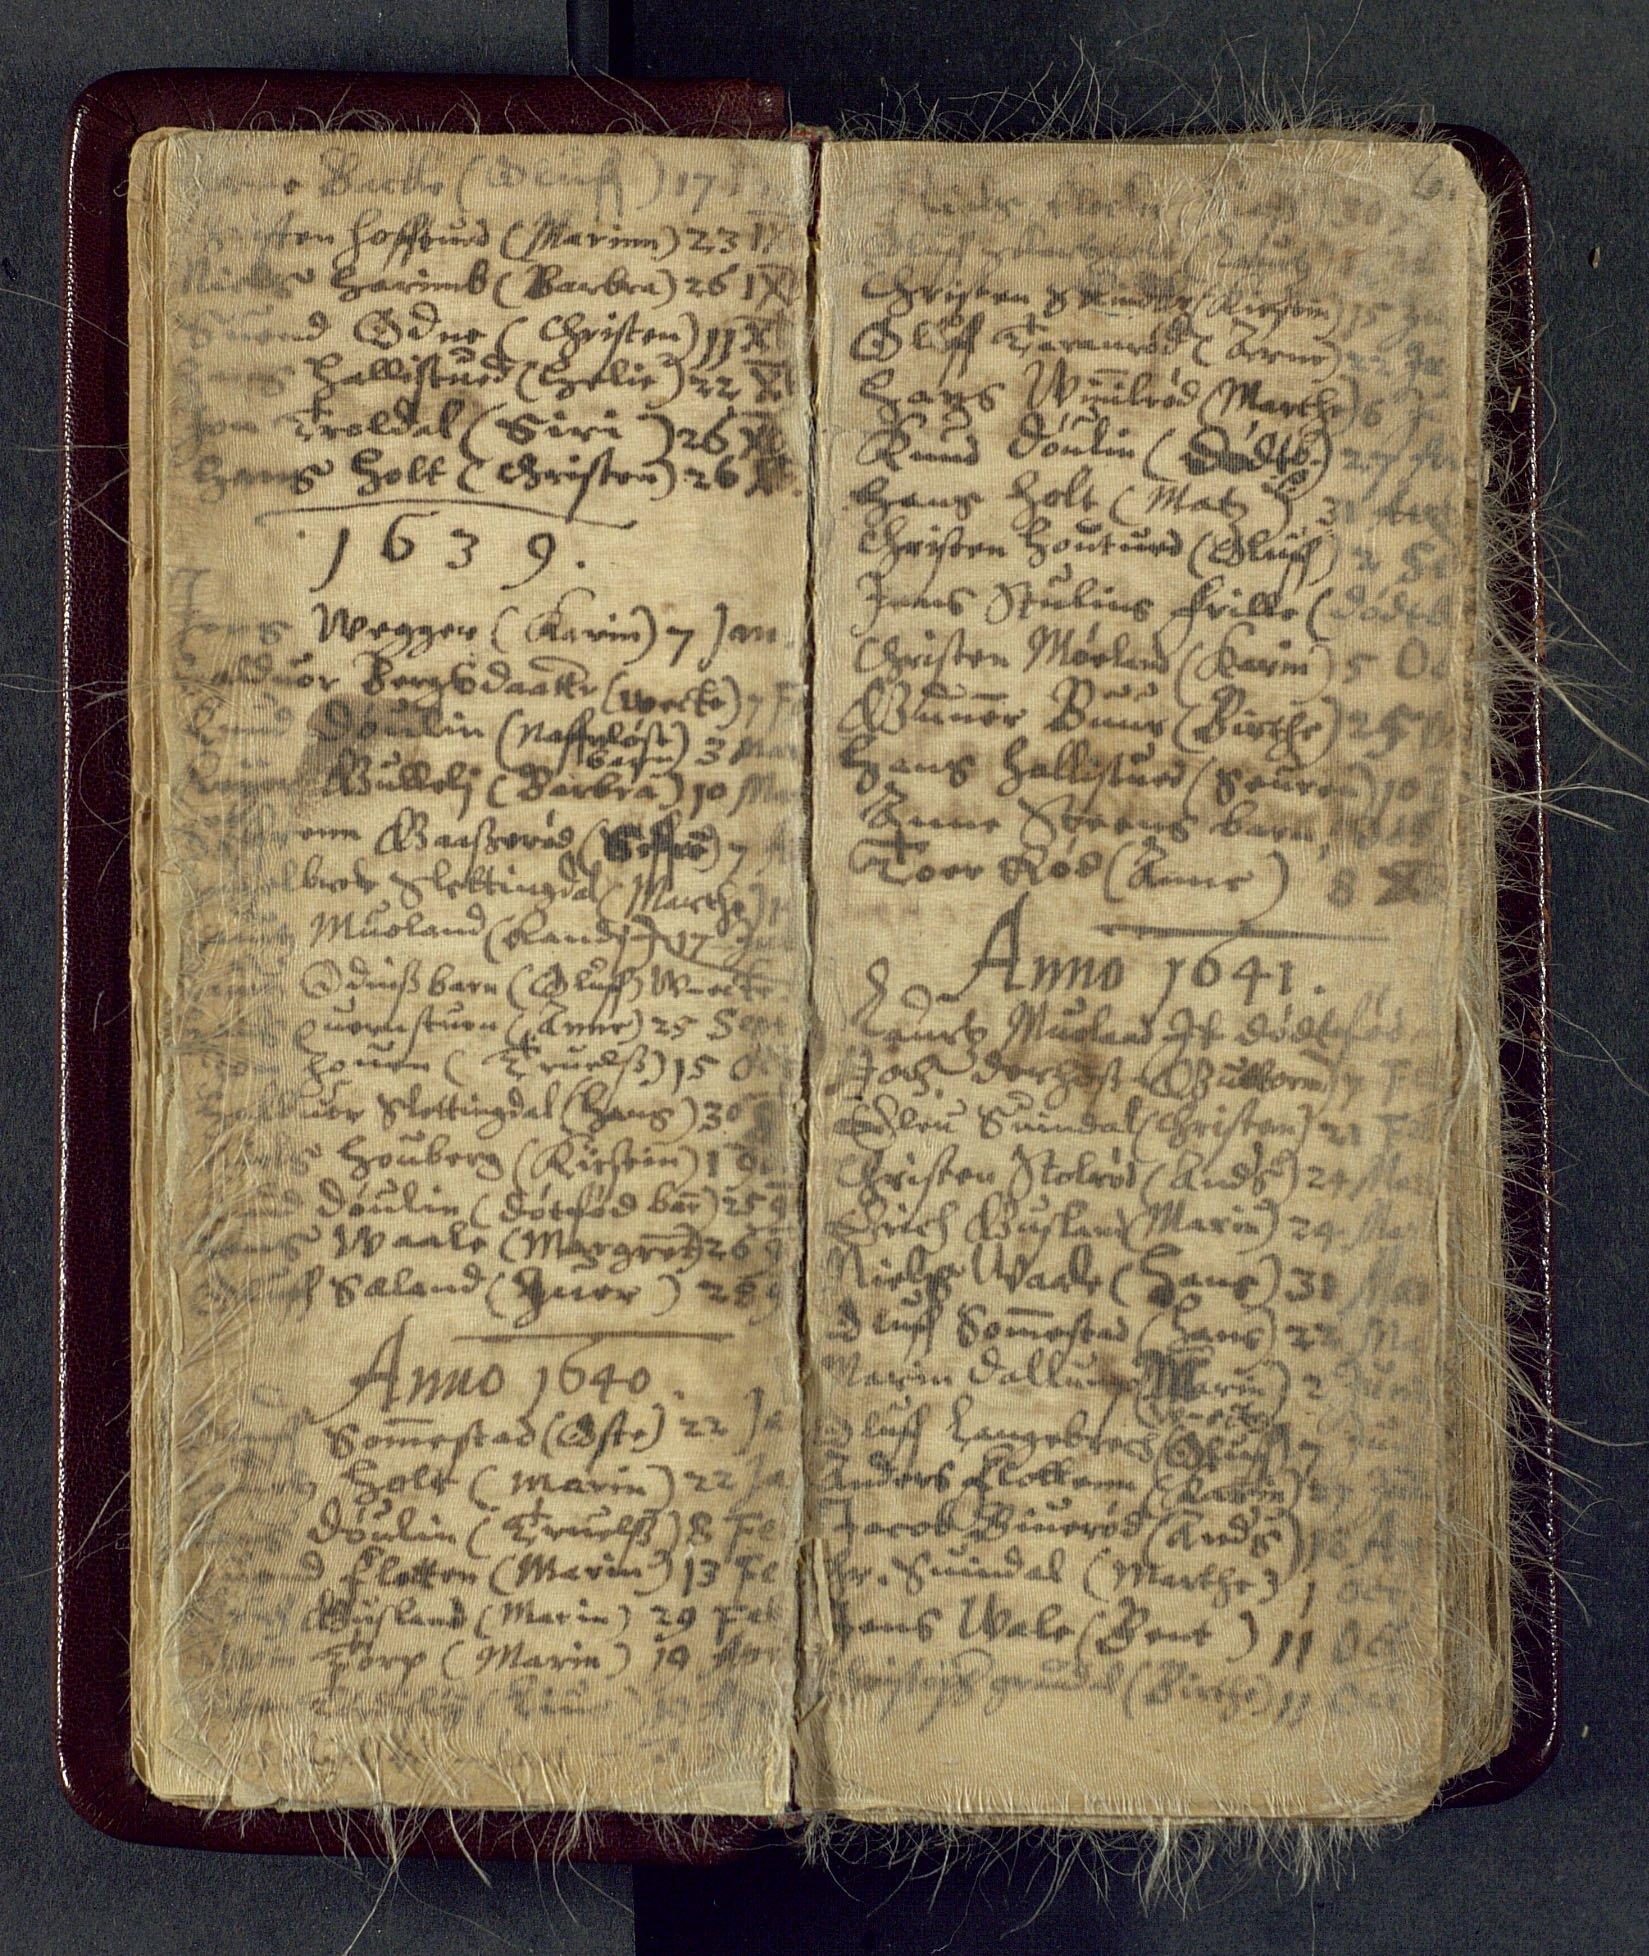 (18/10/19) NOUVEAUX RELEVÉS: Sépultures Estaires de 1737-1758